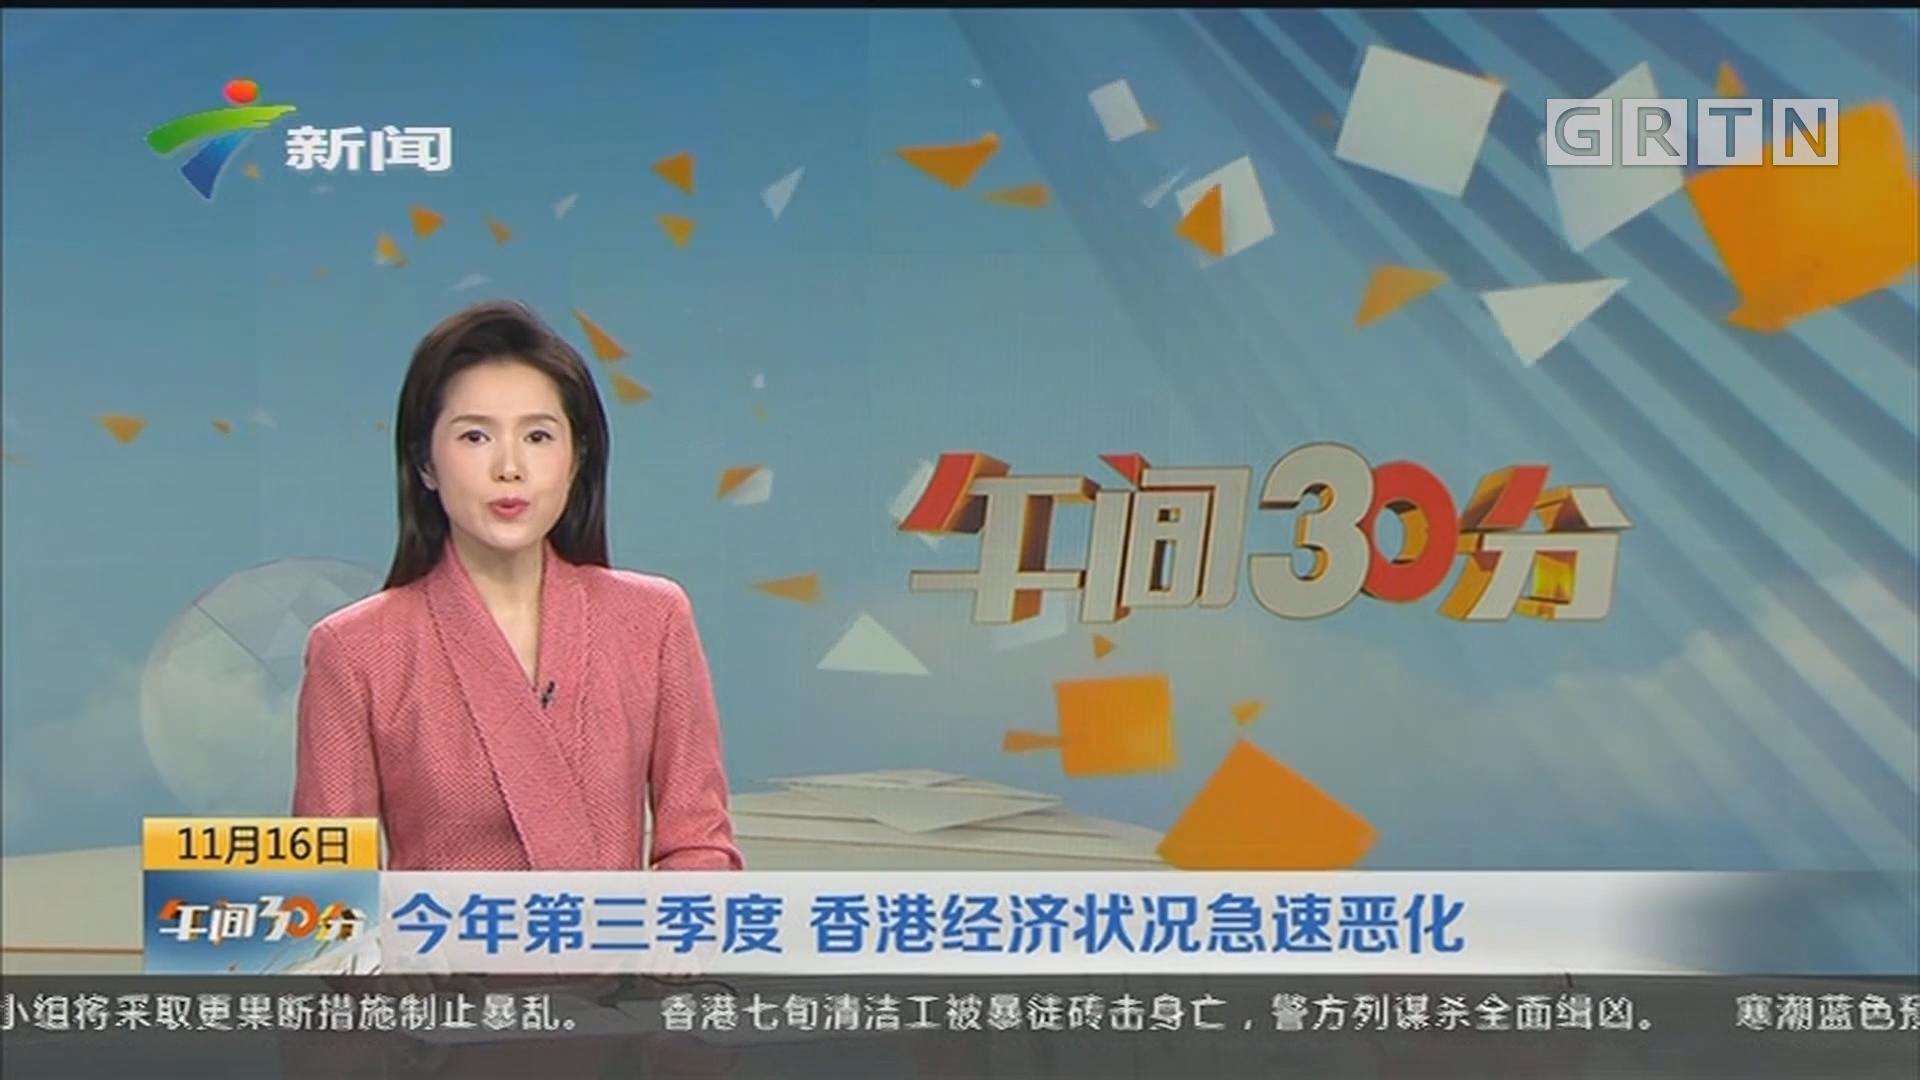 今年第三季度 香港經濟狀況急速惡化